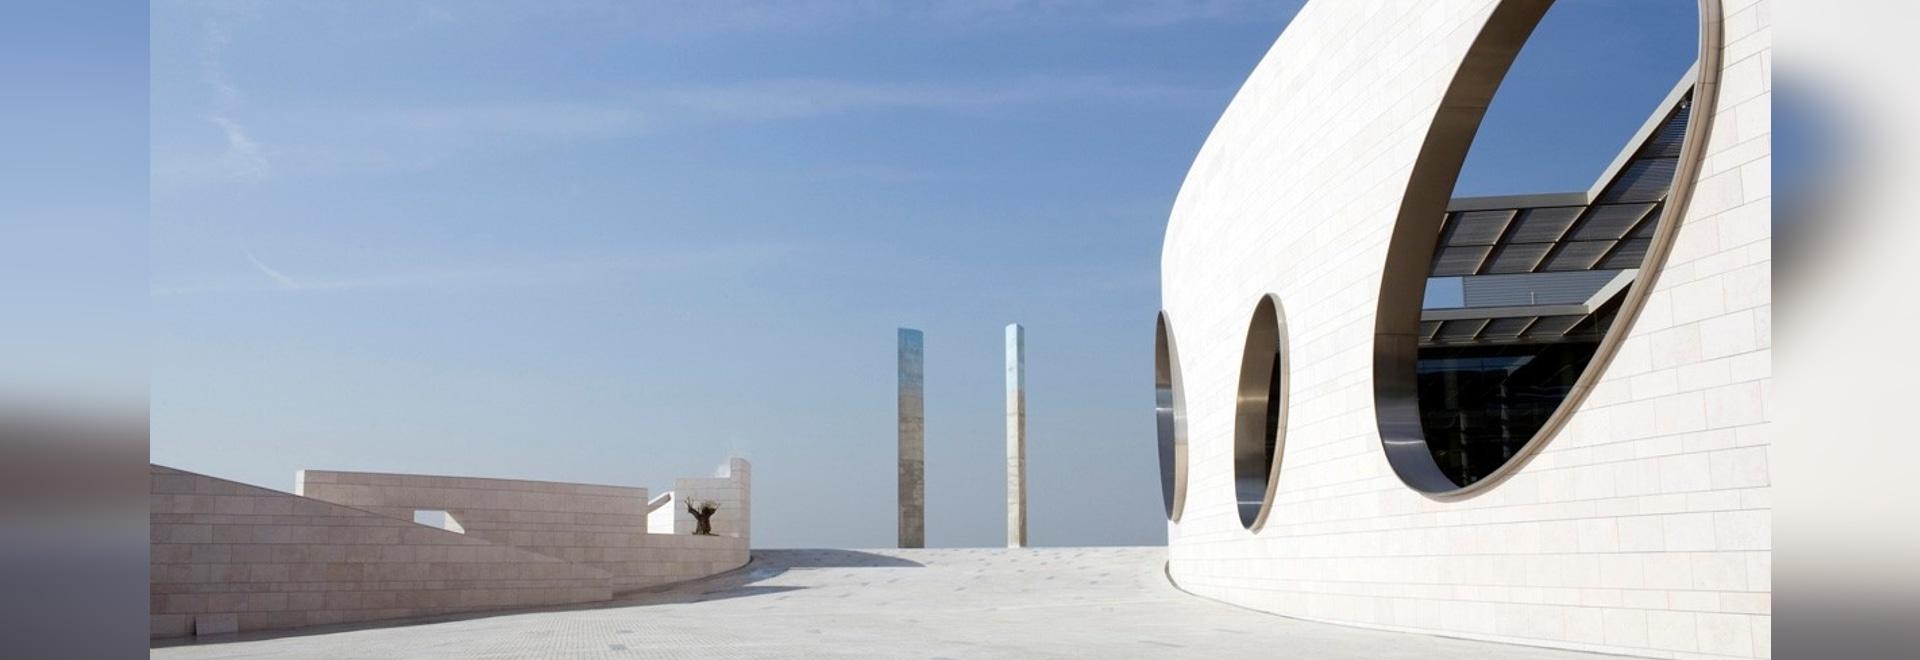 Champalimaud Zentrum für Unbekanntes - Portugal